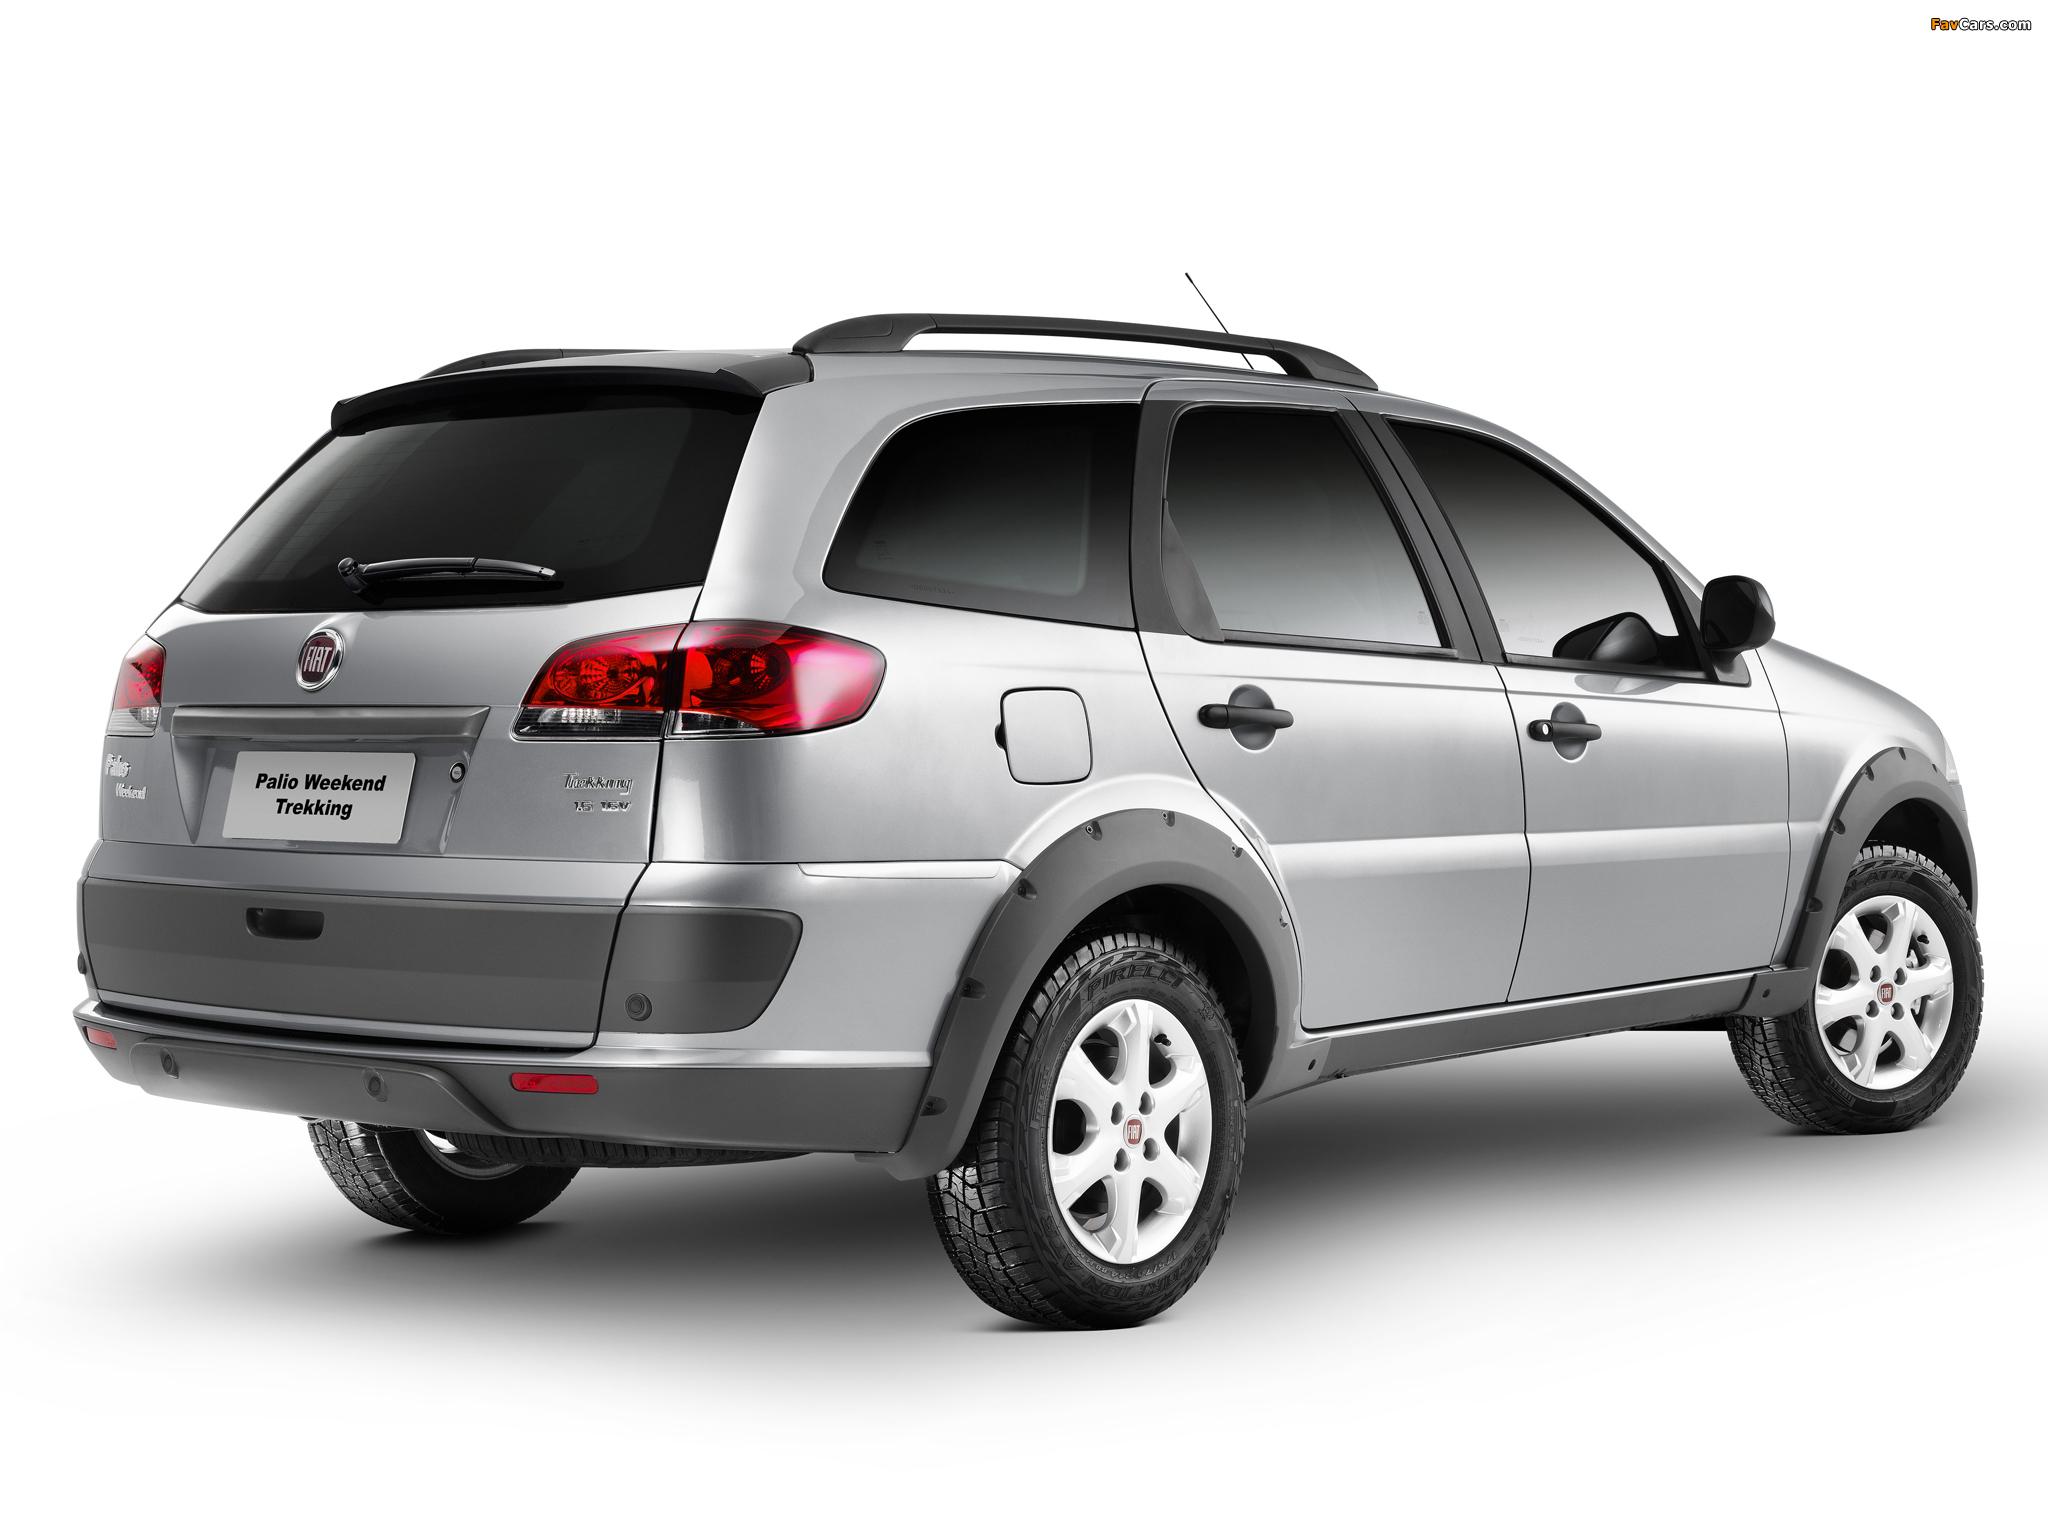 Fiat Palio Weekend Trekking (178) 2012 pictures (2048 x 1536)